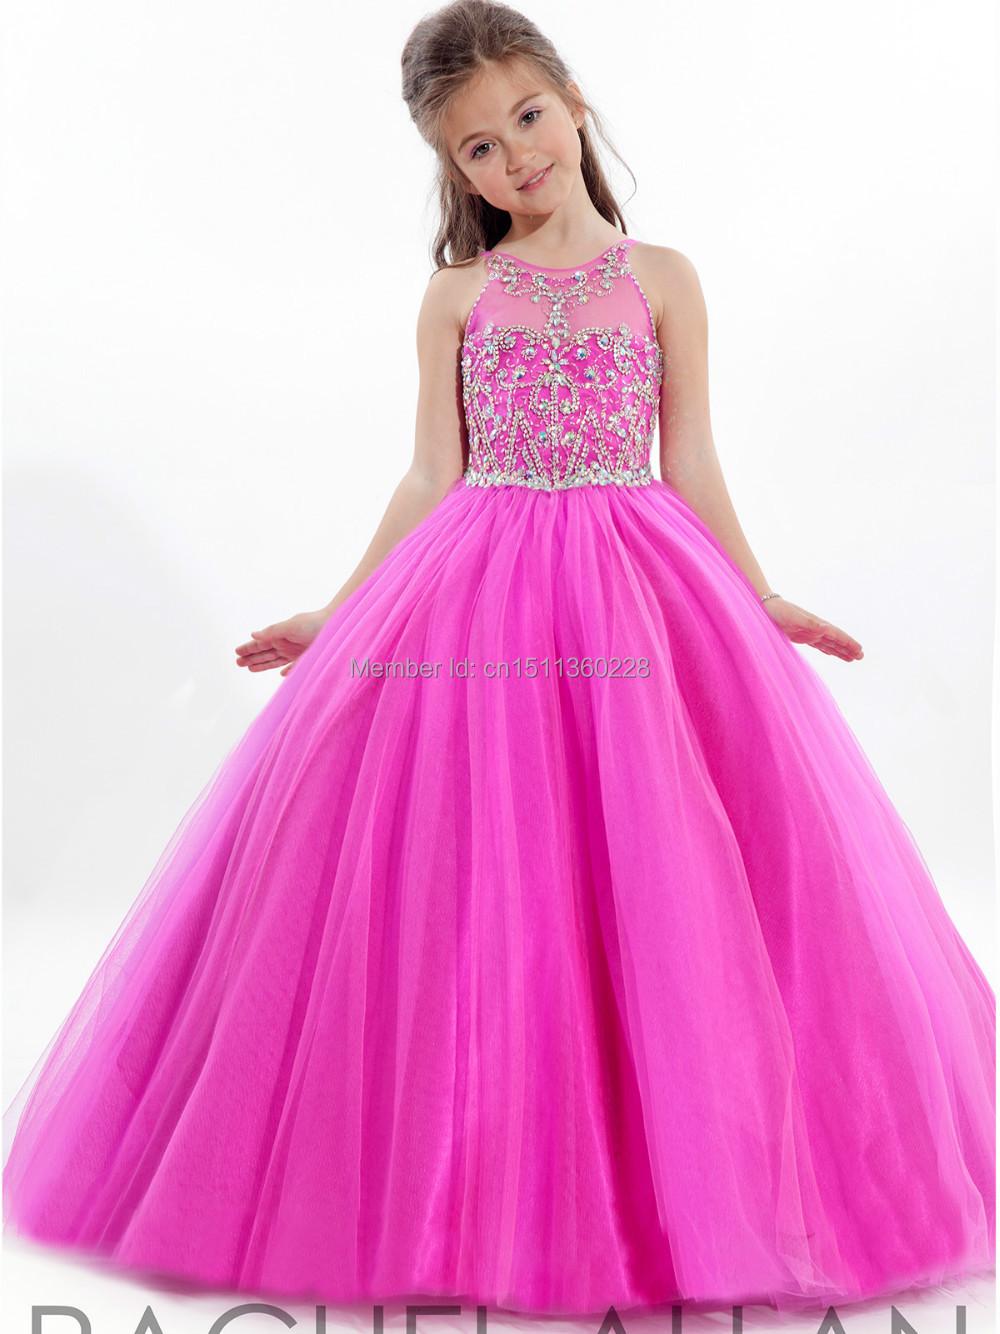 Birthday Dresses For Juniors